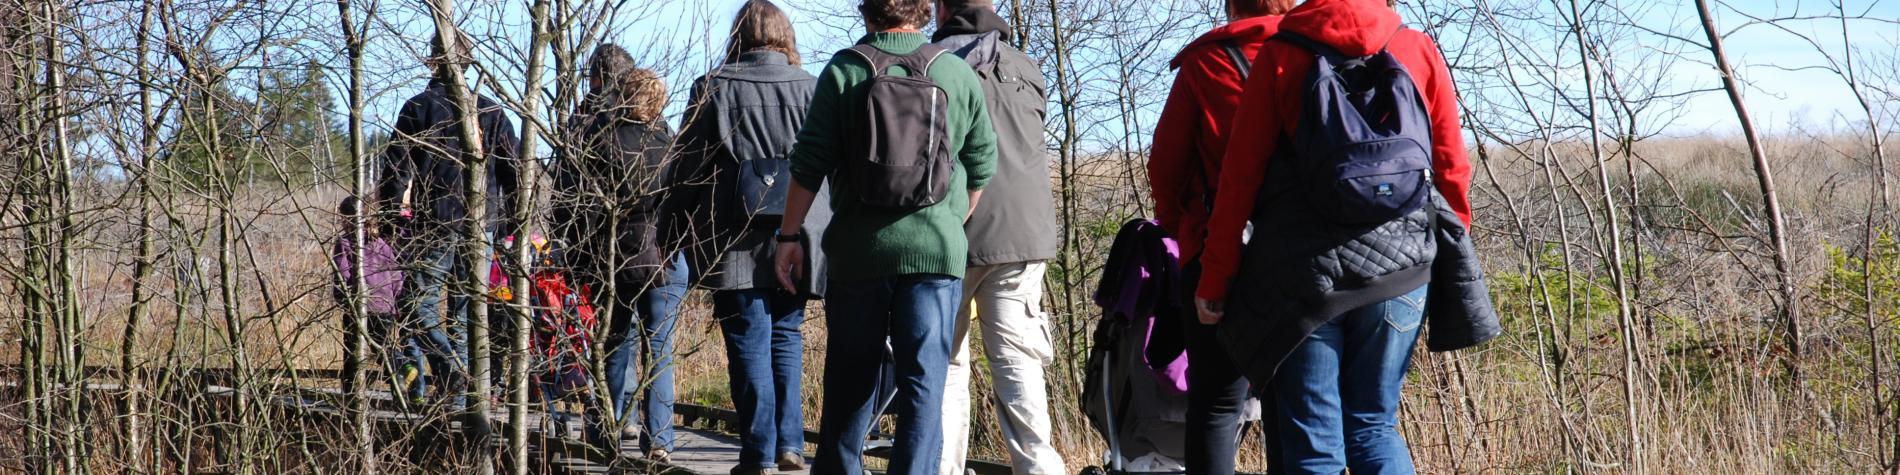 Ga wandelen in het Natuurpark van de Hoge Venen - Eifel